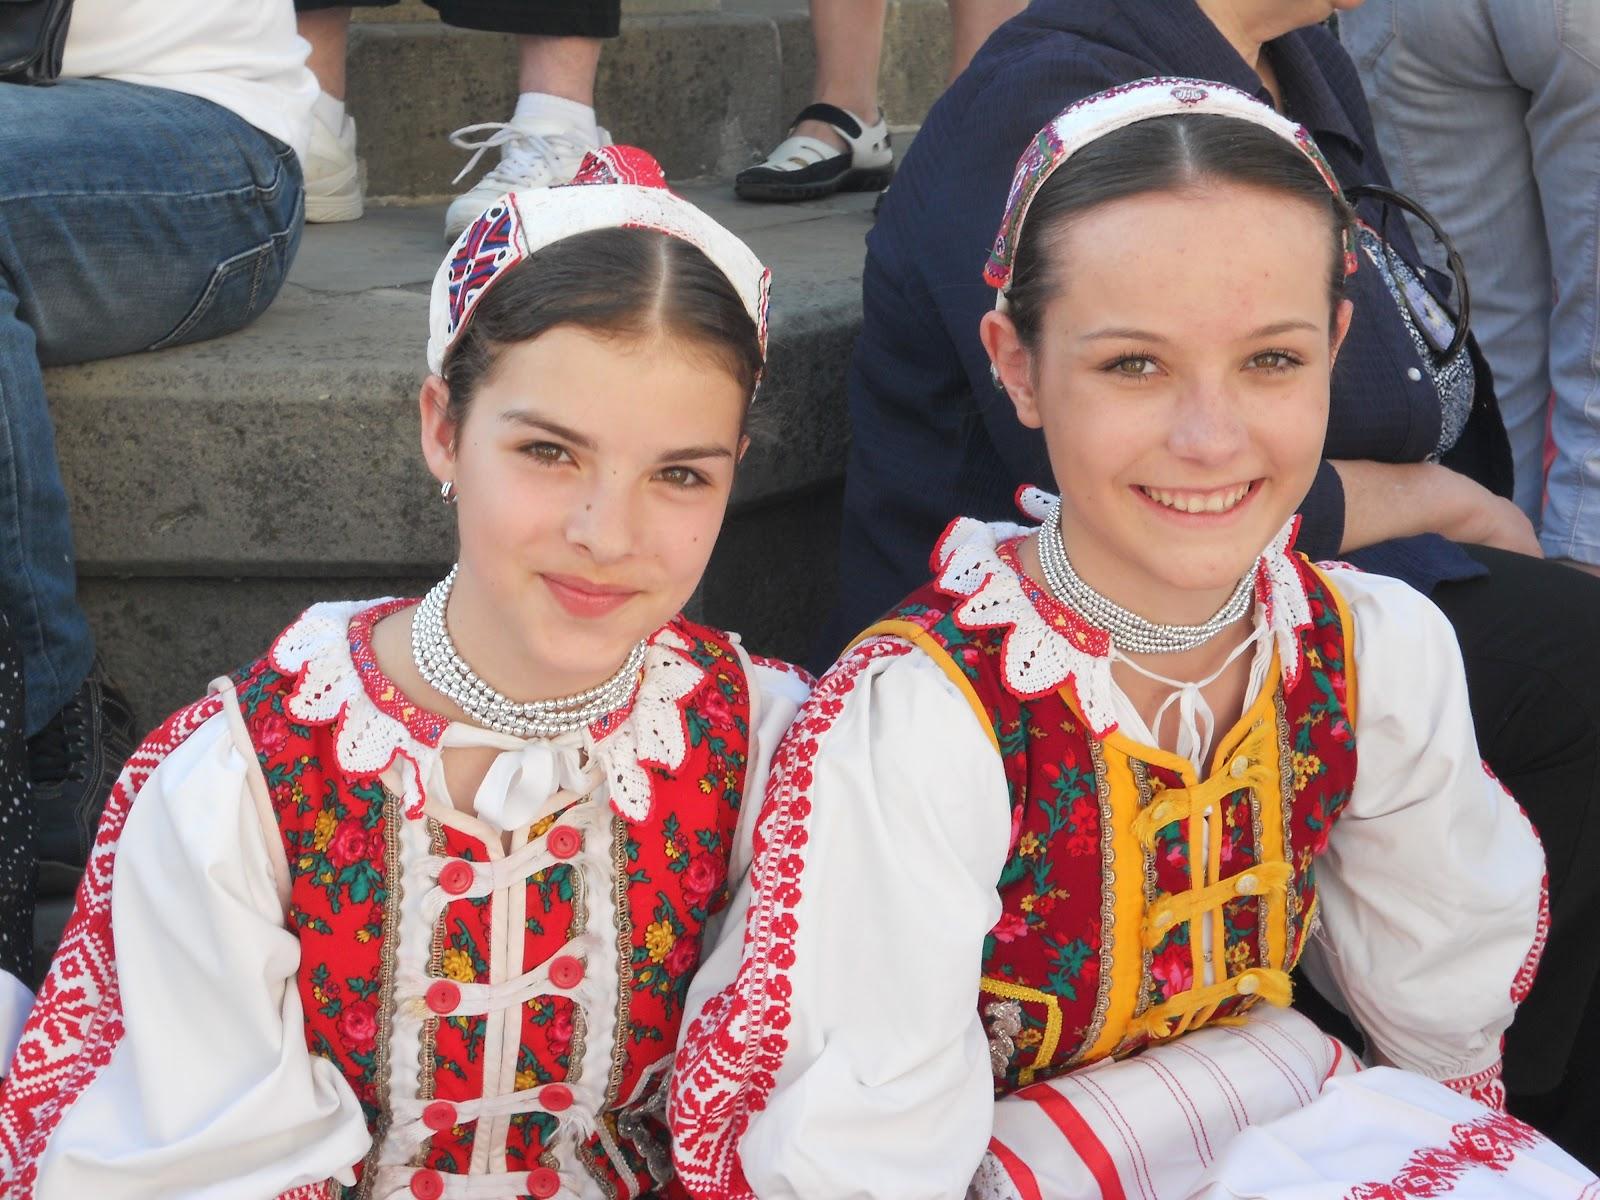 Словацкие девушки